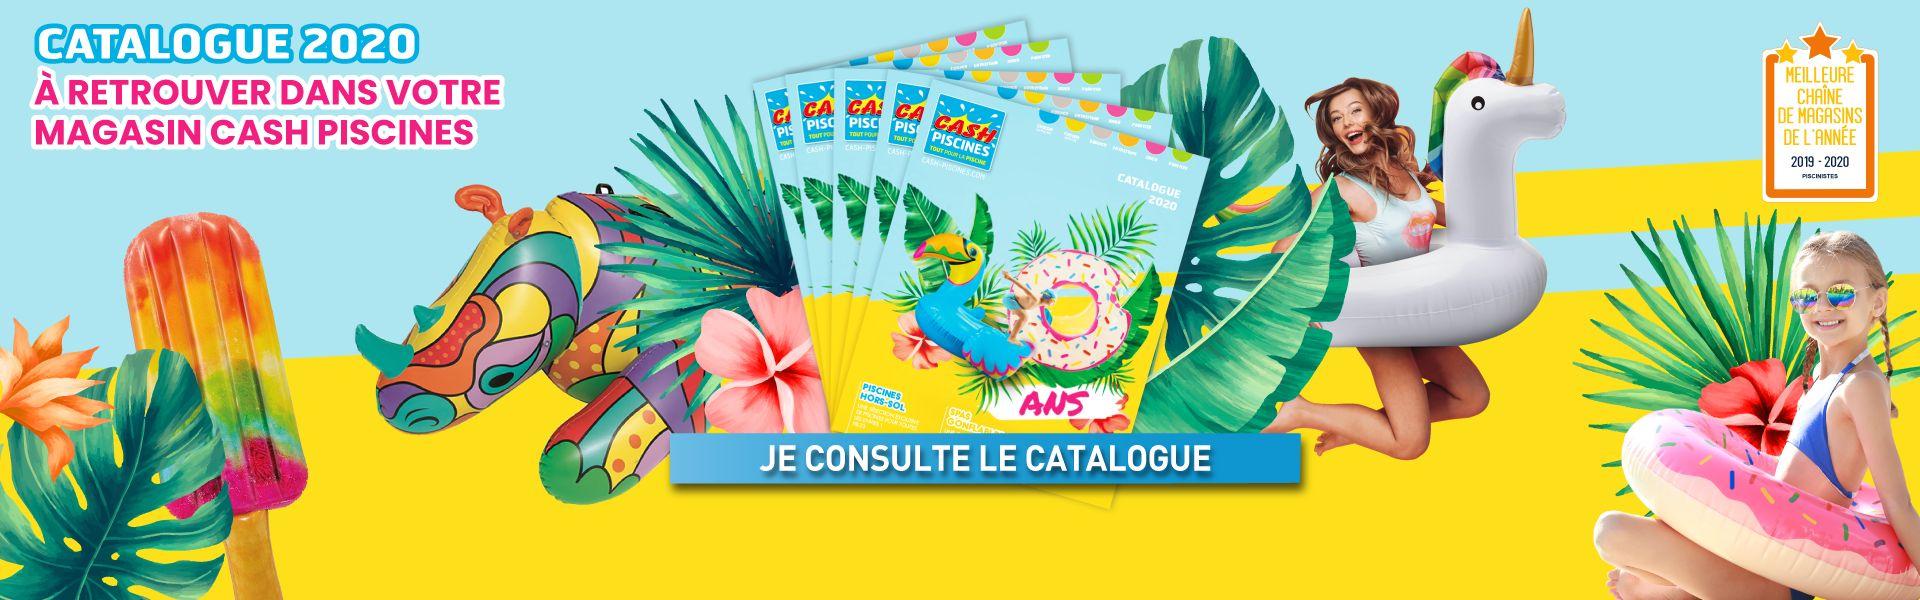 Cash Piscines - Tout Pour La Piscine & Spas Gonflables ... pour Cash Piscine Montauban